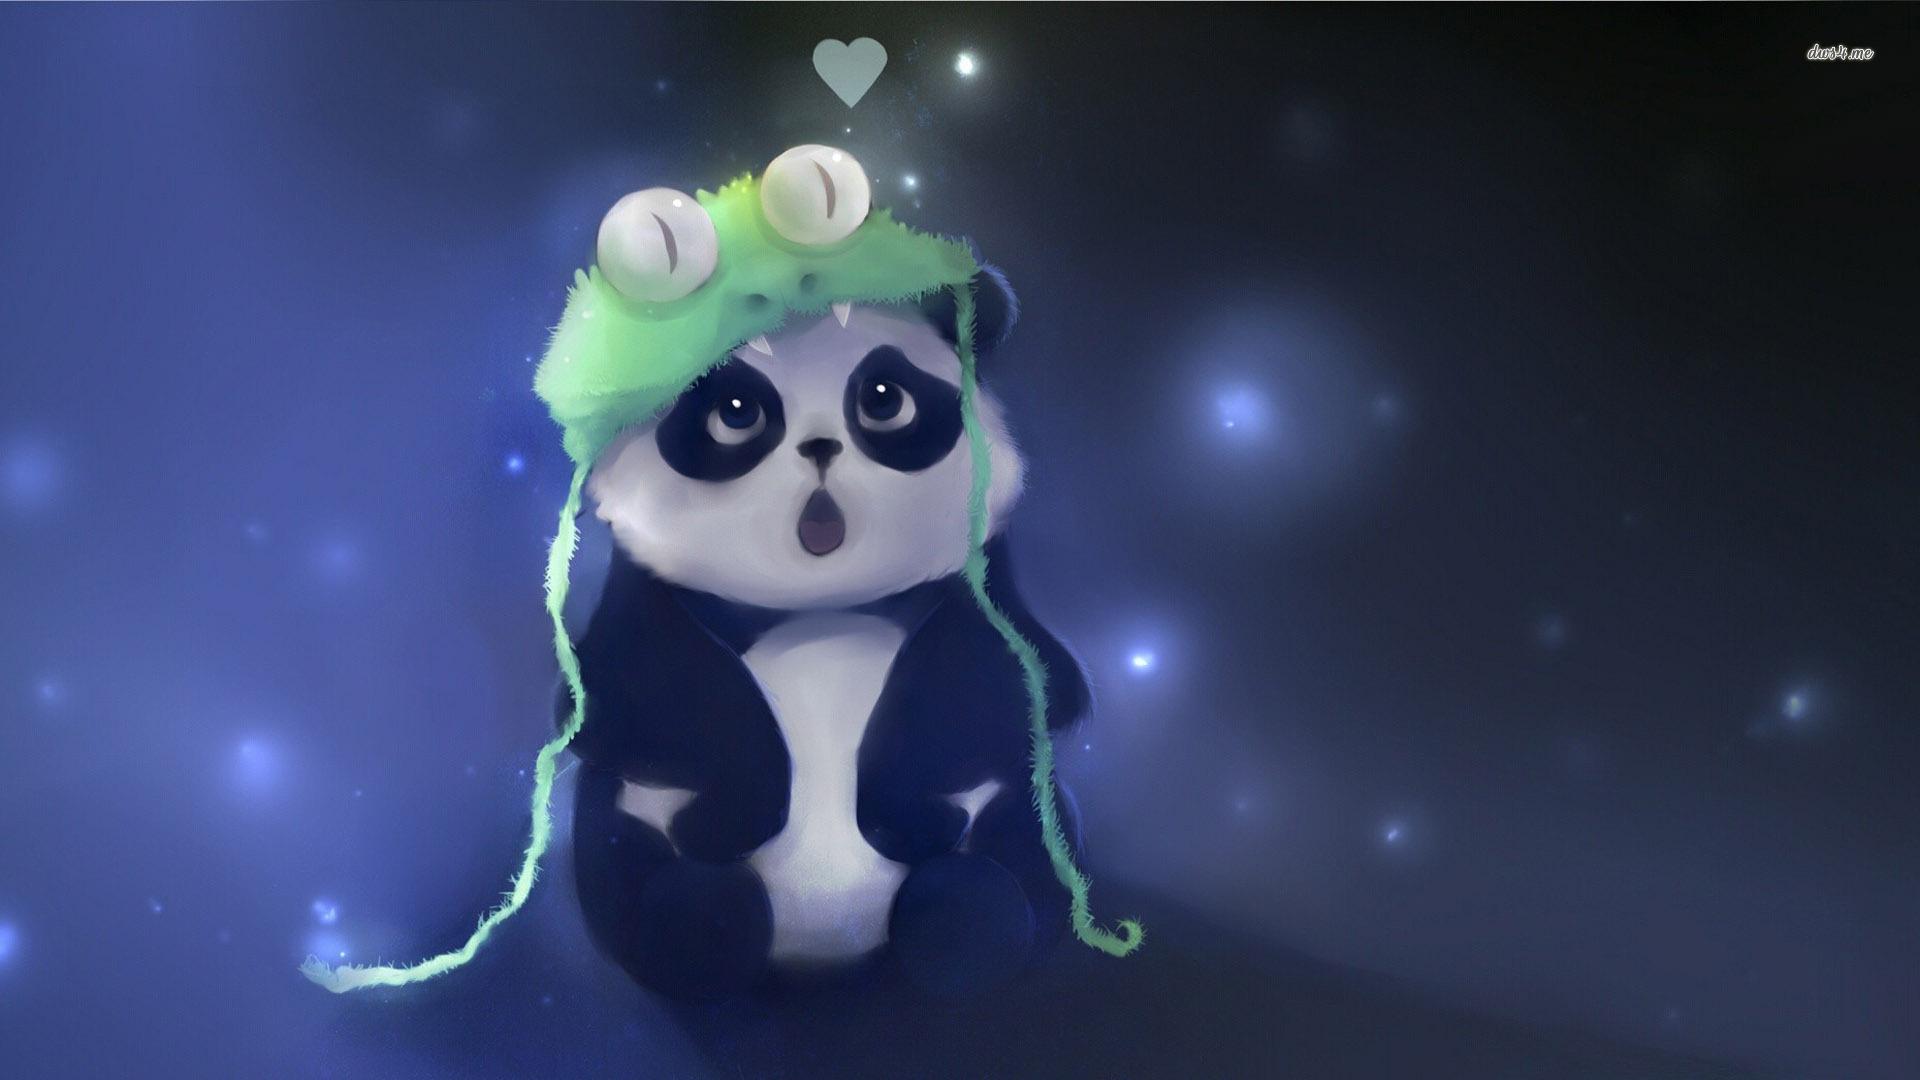 cute panda painting wallpaper - photo #10